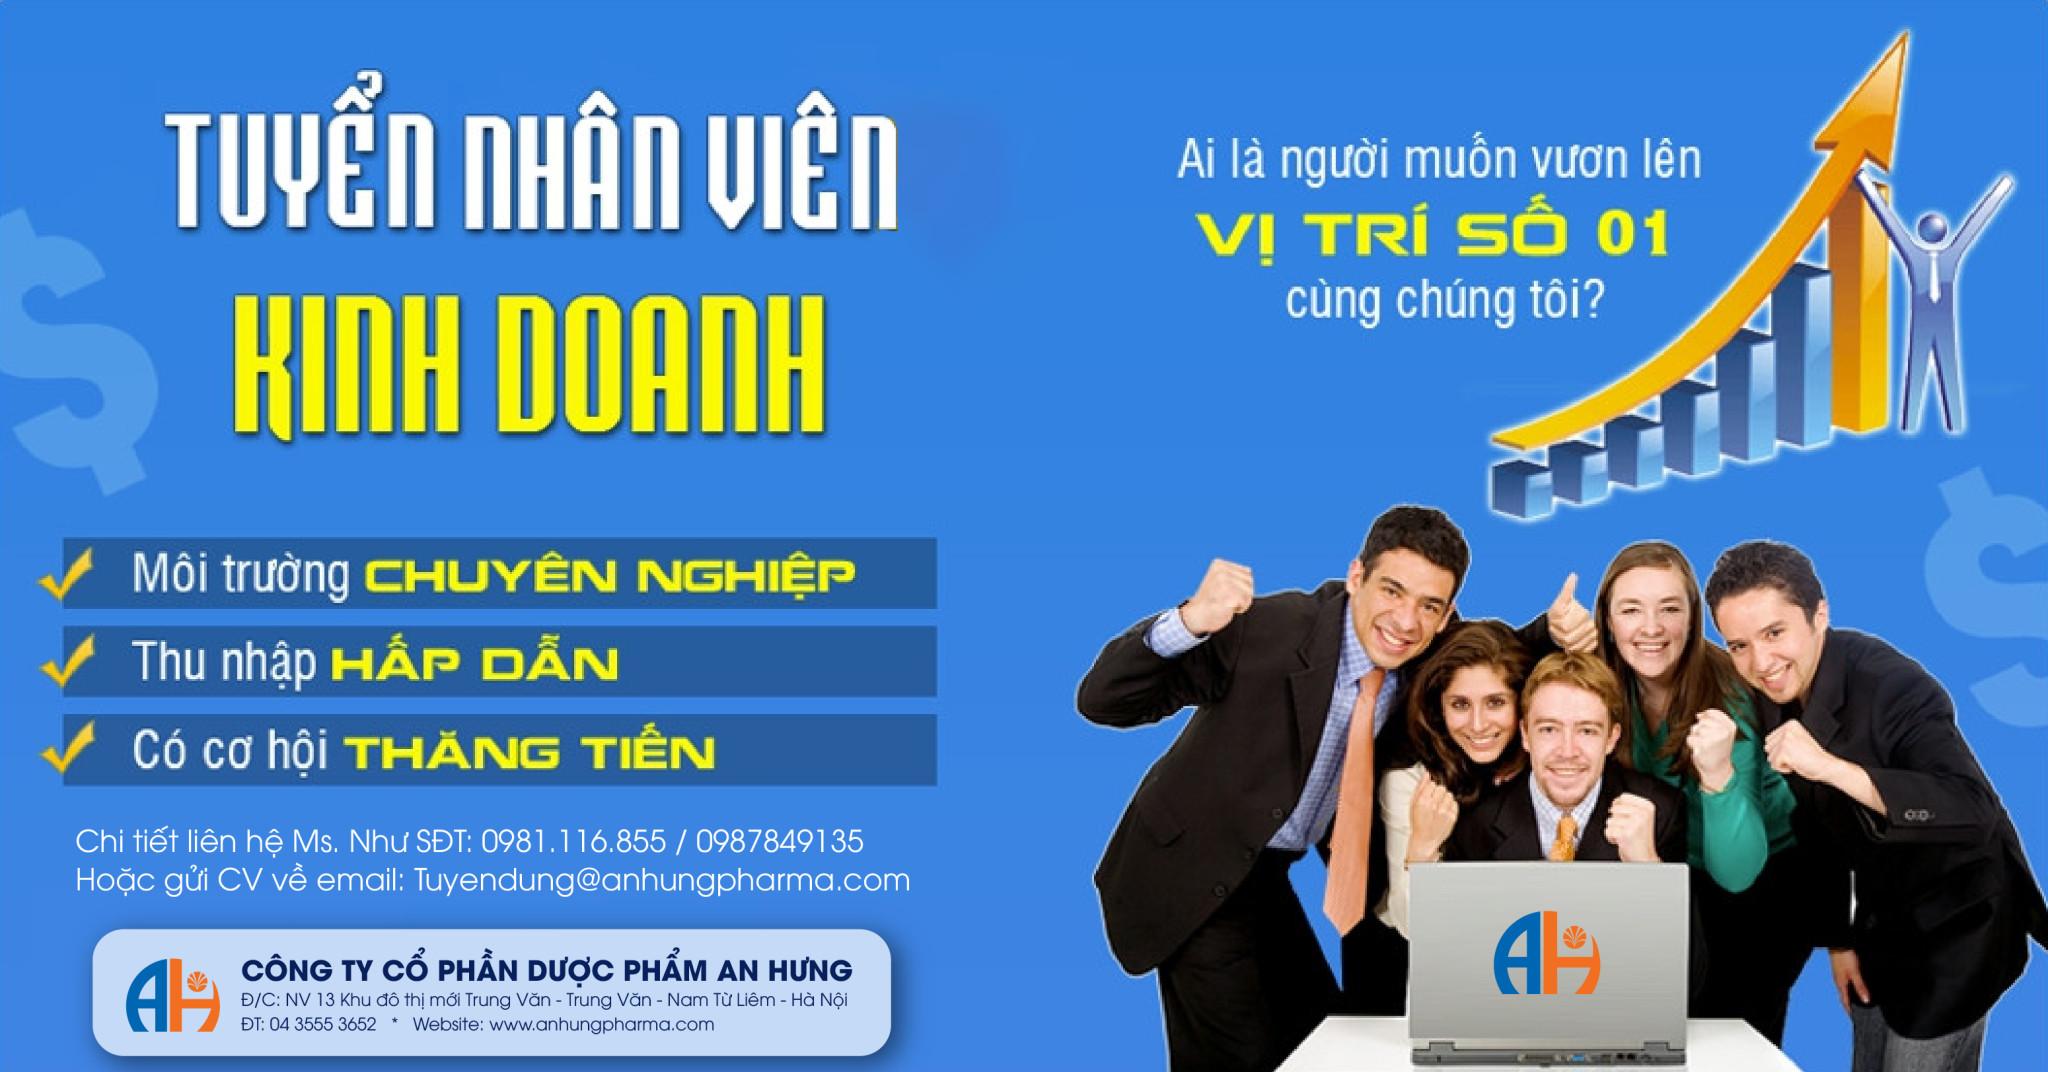 công ty An Hưng tuyển dụng nhân viên kinh doanh toàn miền bắc